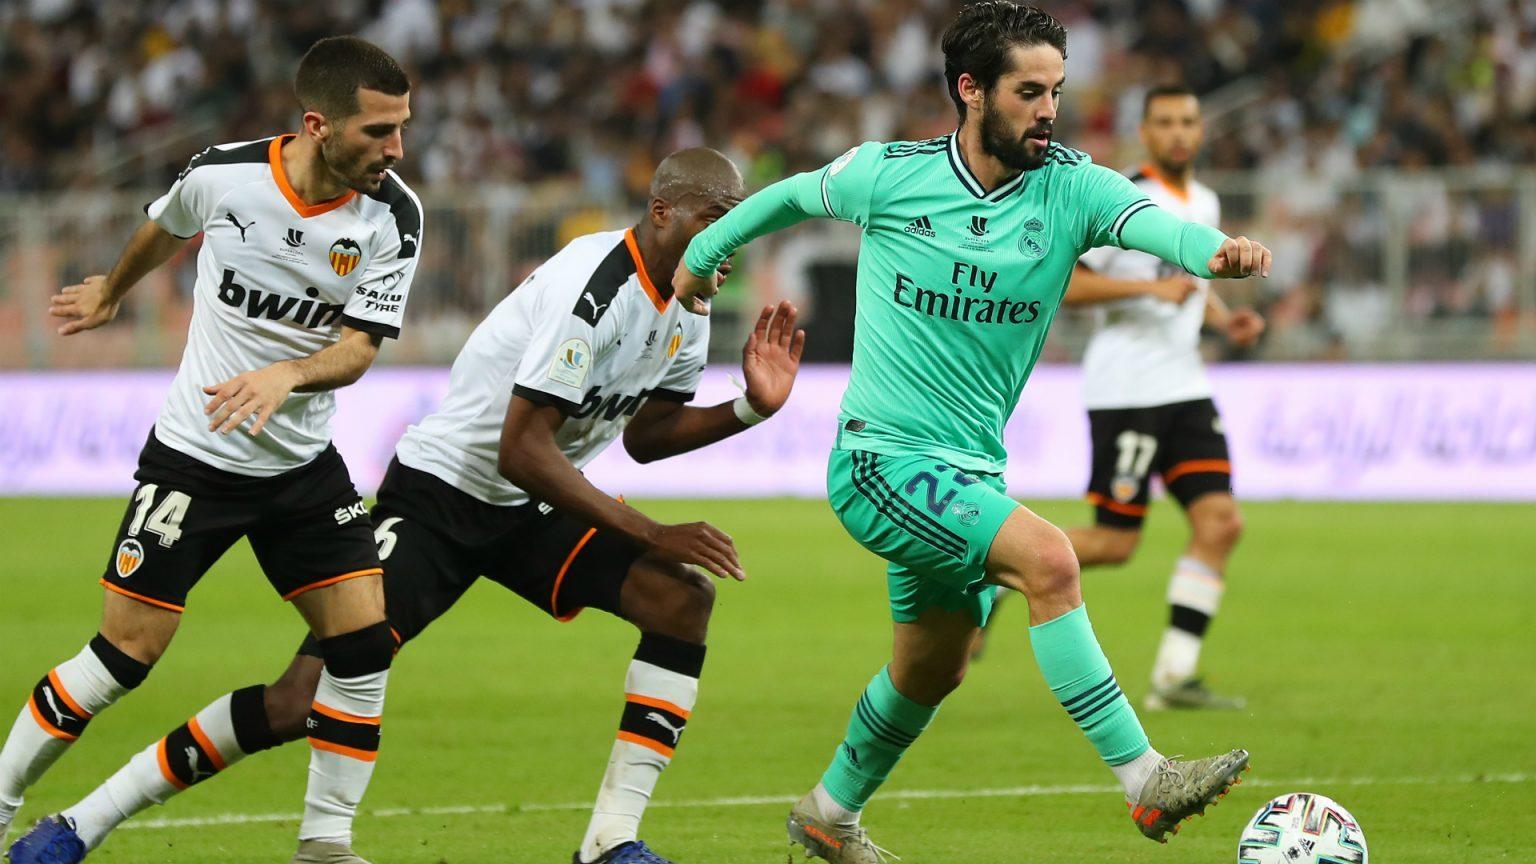 Valencia rất khó giành chiến thắng trong trận đấu này